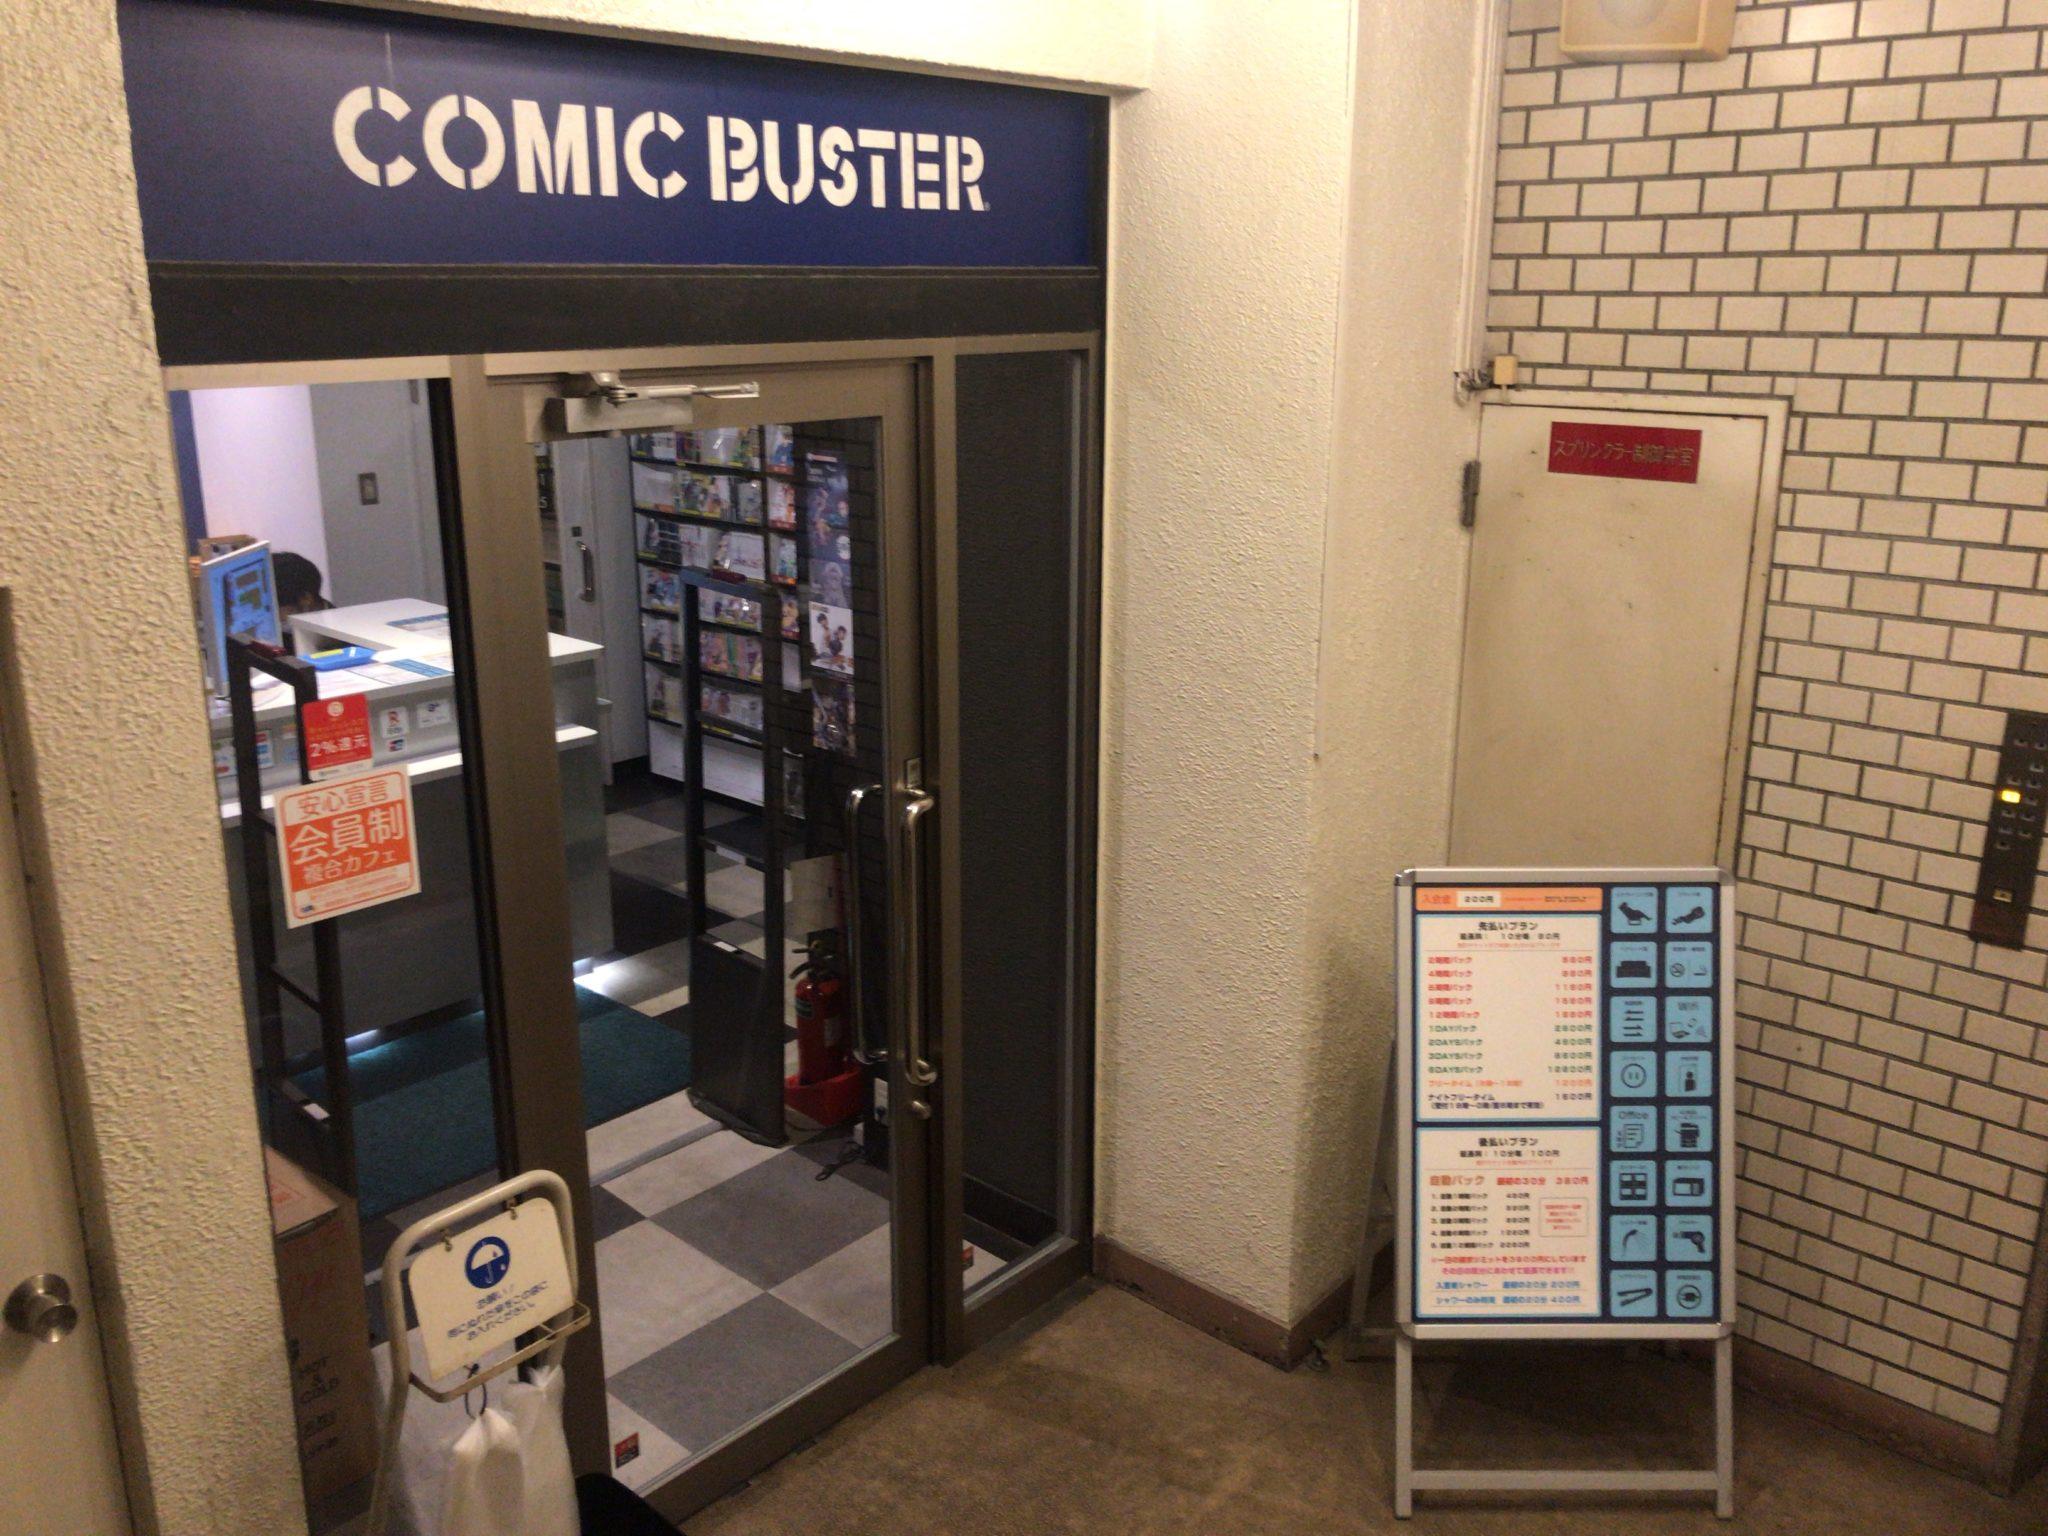 藤沢 駅 漫画 喫茶 コミック バスター